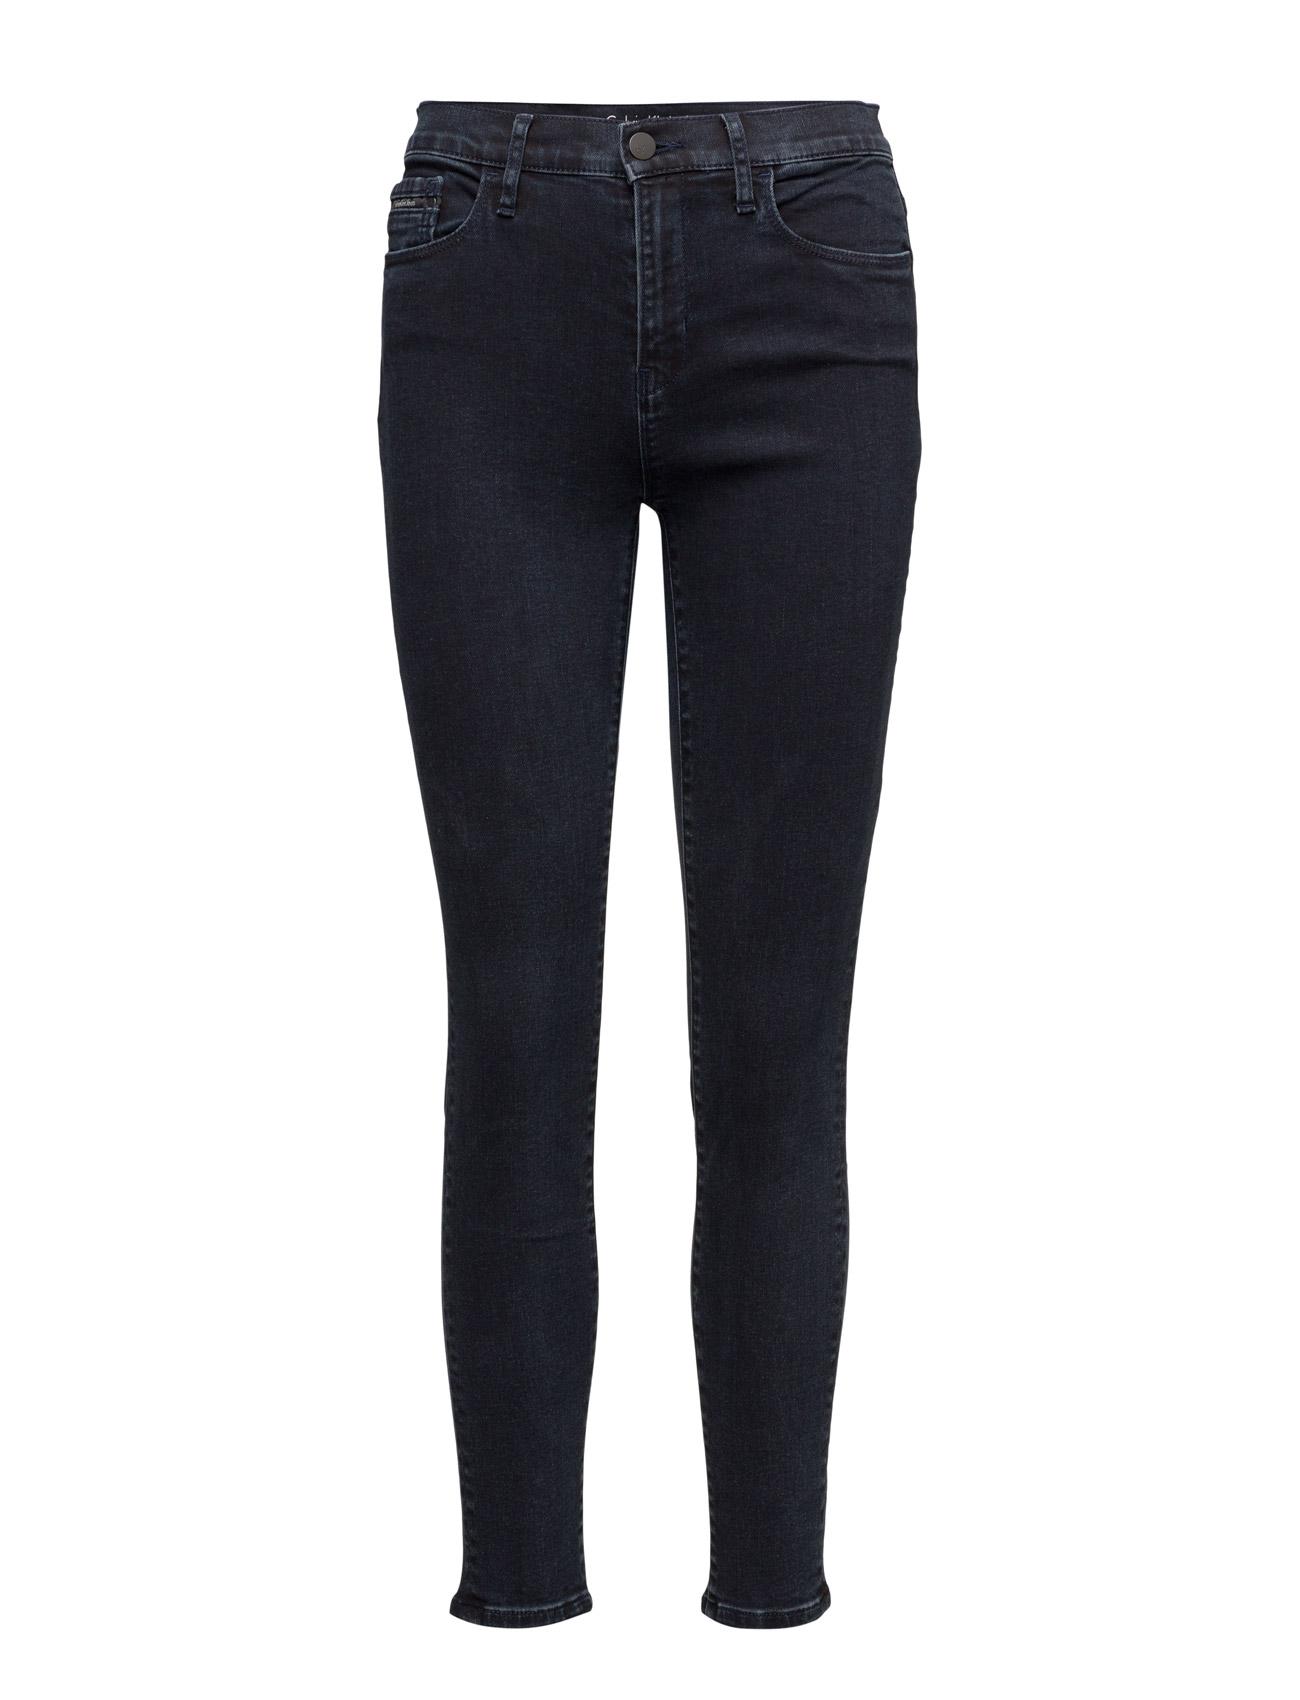 High Rise Skinny - W Calvin Klein Jeans Jeans til Kvinder i